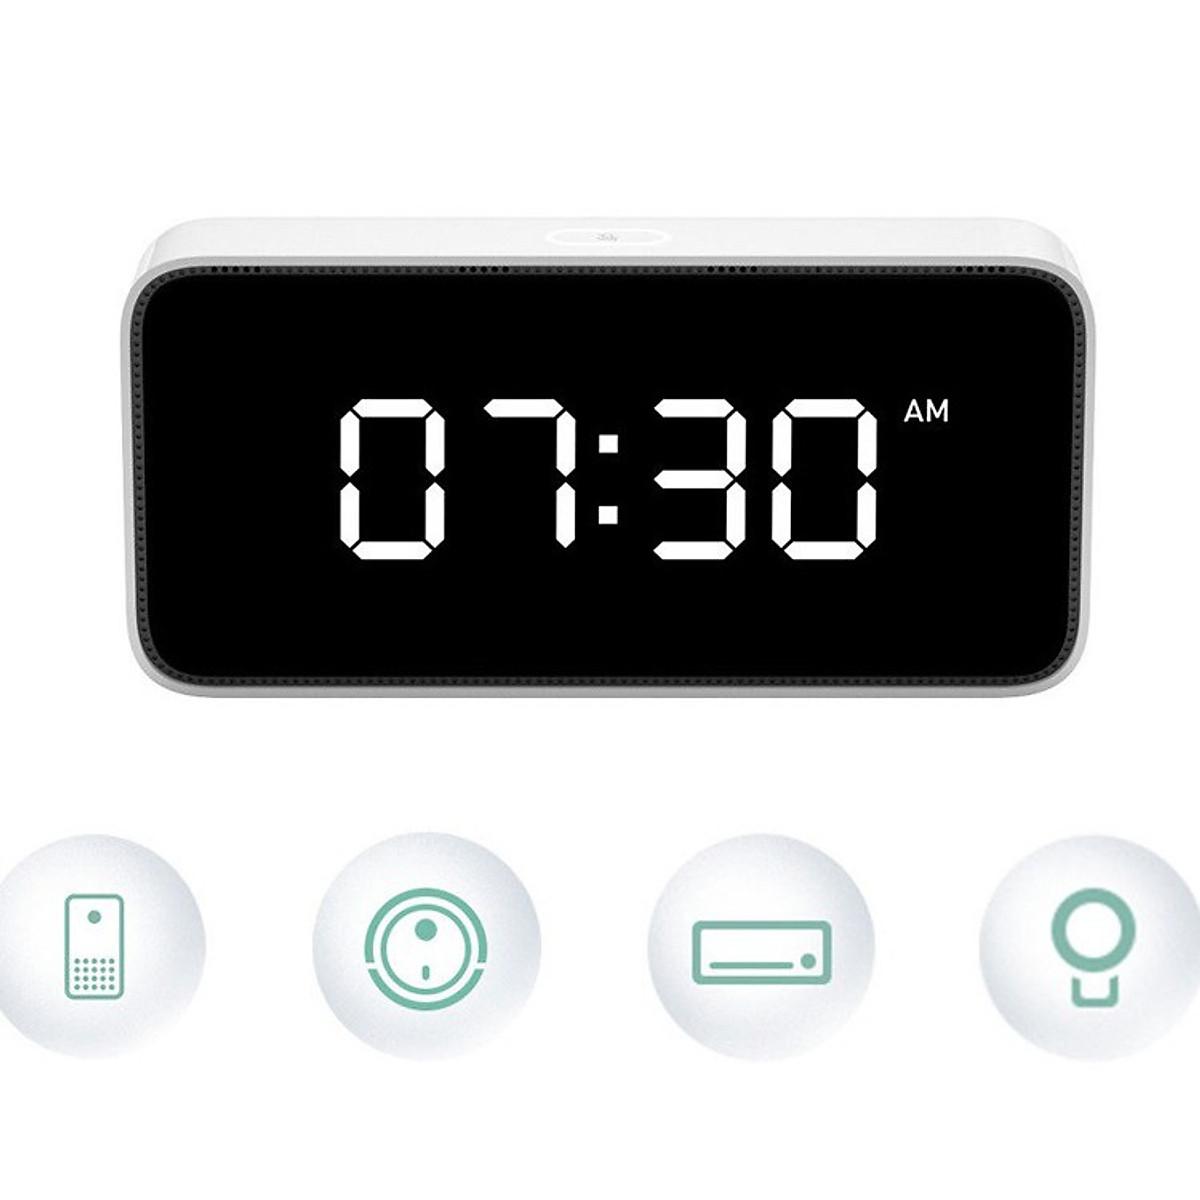 Đồng hồ báo thức thông minh Xiaomi Mijia Xiaoai - 1